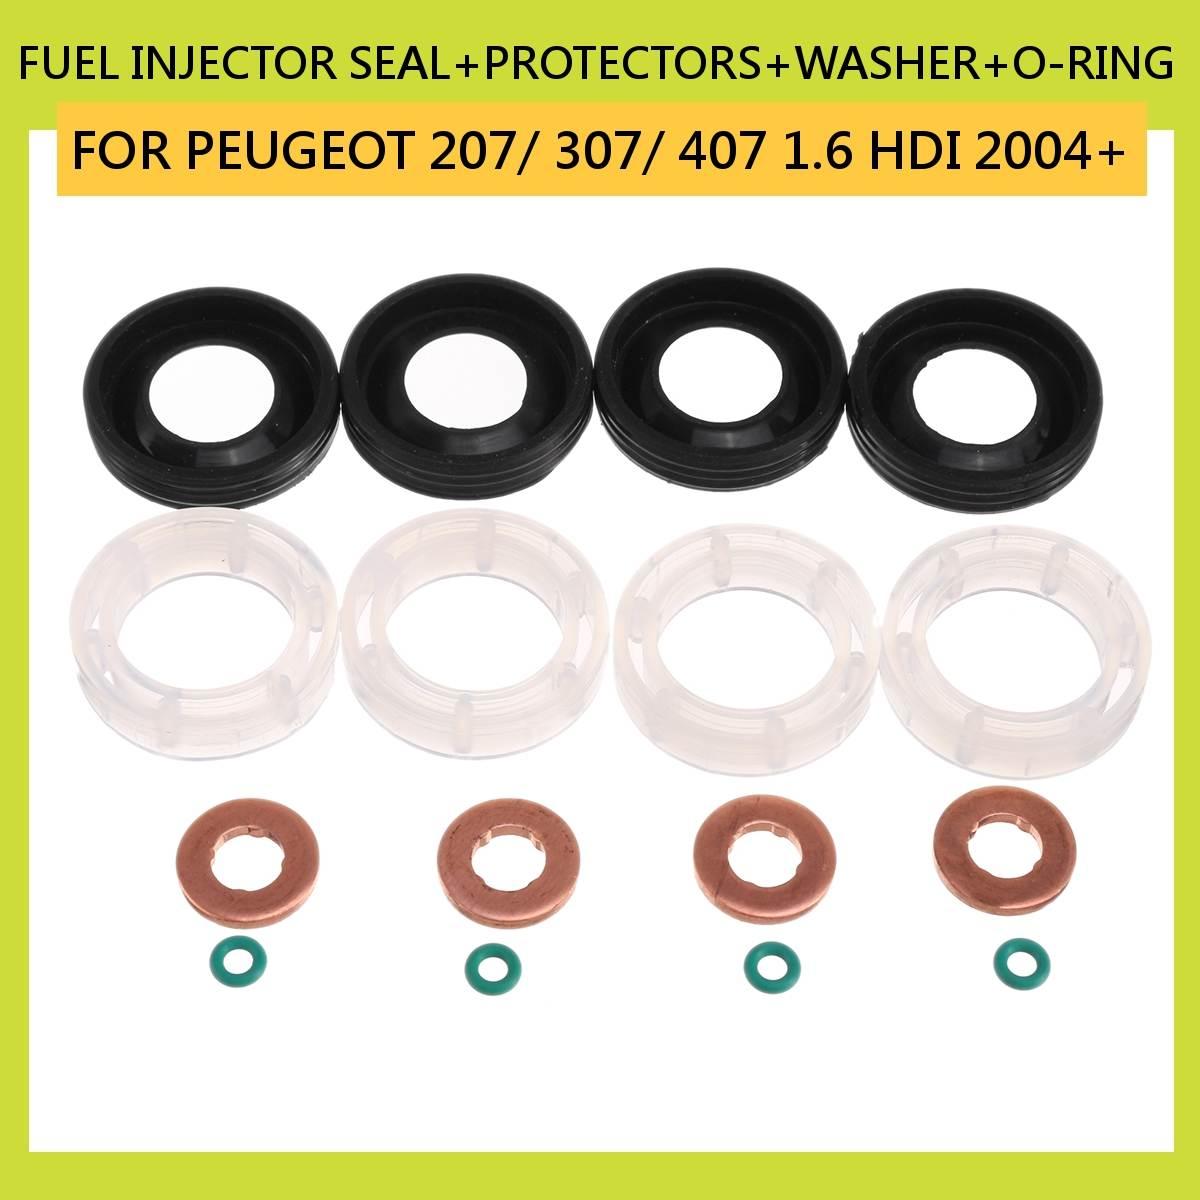 Voiture 16 pièces carburant injecteur joint + protecteurs + rondelle + O-RING pour PEUGEOT 207/307/407 1.6 HDI 2004 voiture 198299